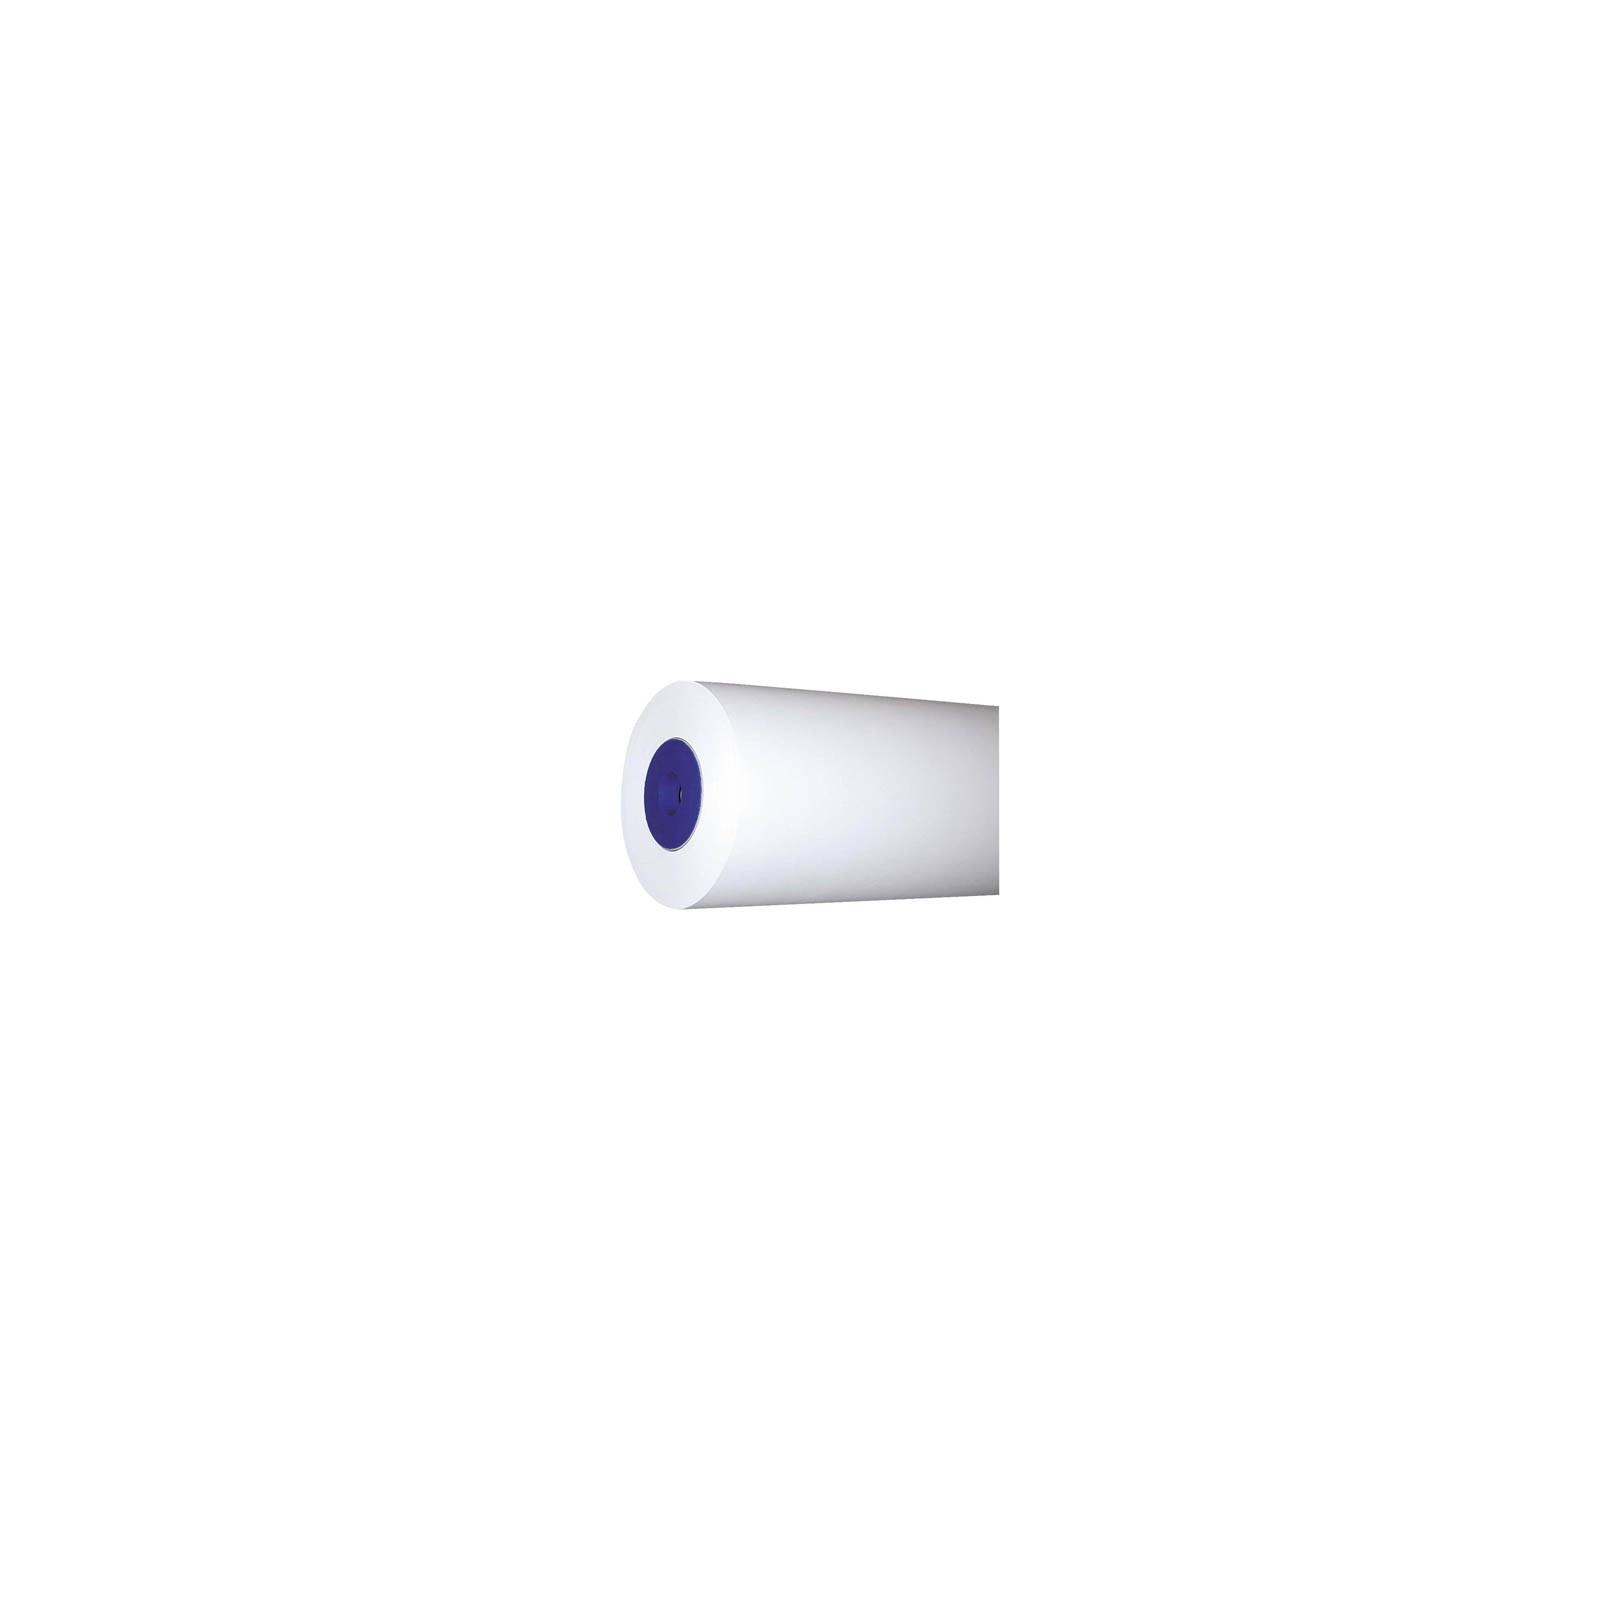 Бумага XEROX 594мм XES Tracing Paper Roll (003R96047)